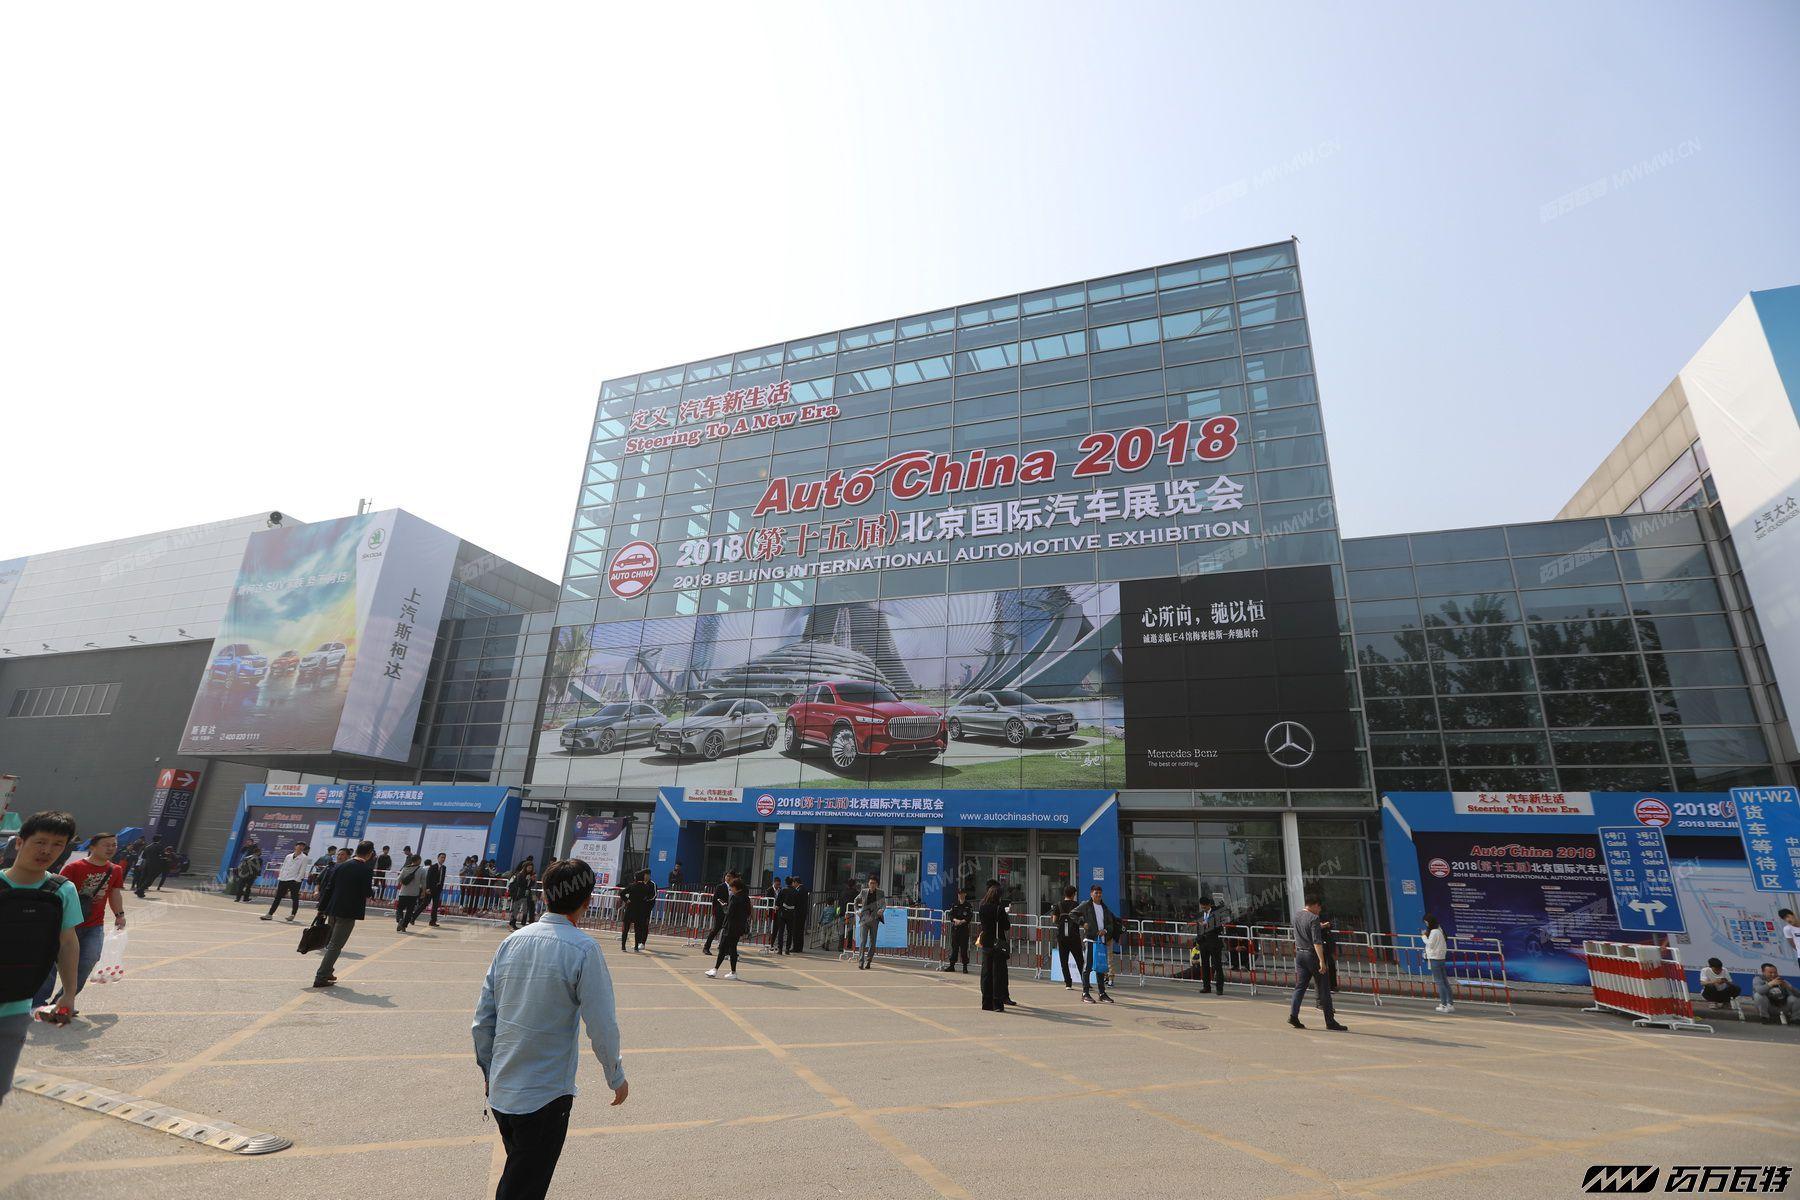 2018北京车展-百万瓦特 (1).JPG